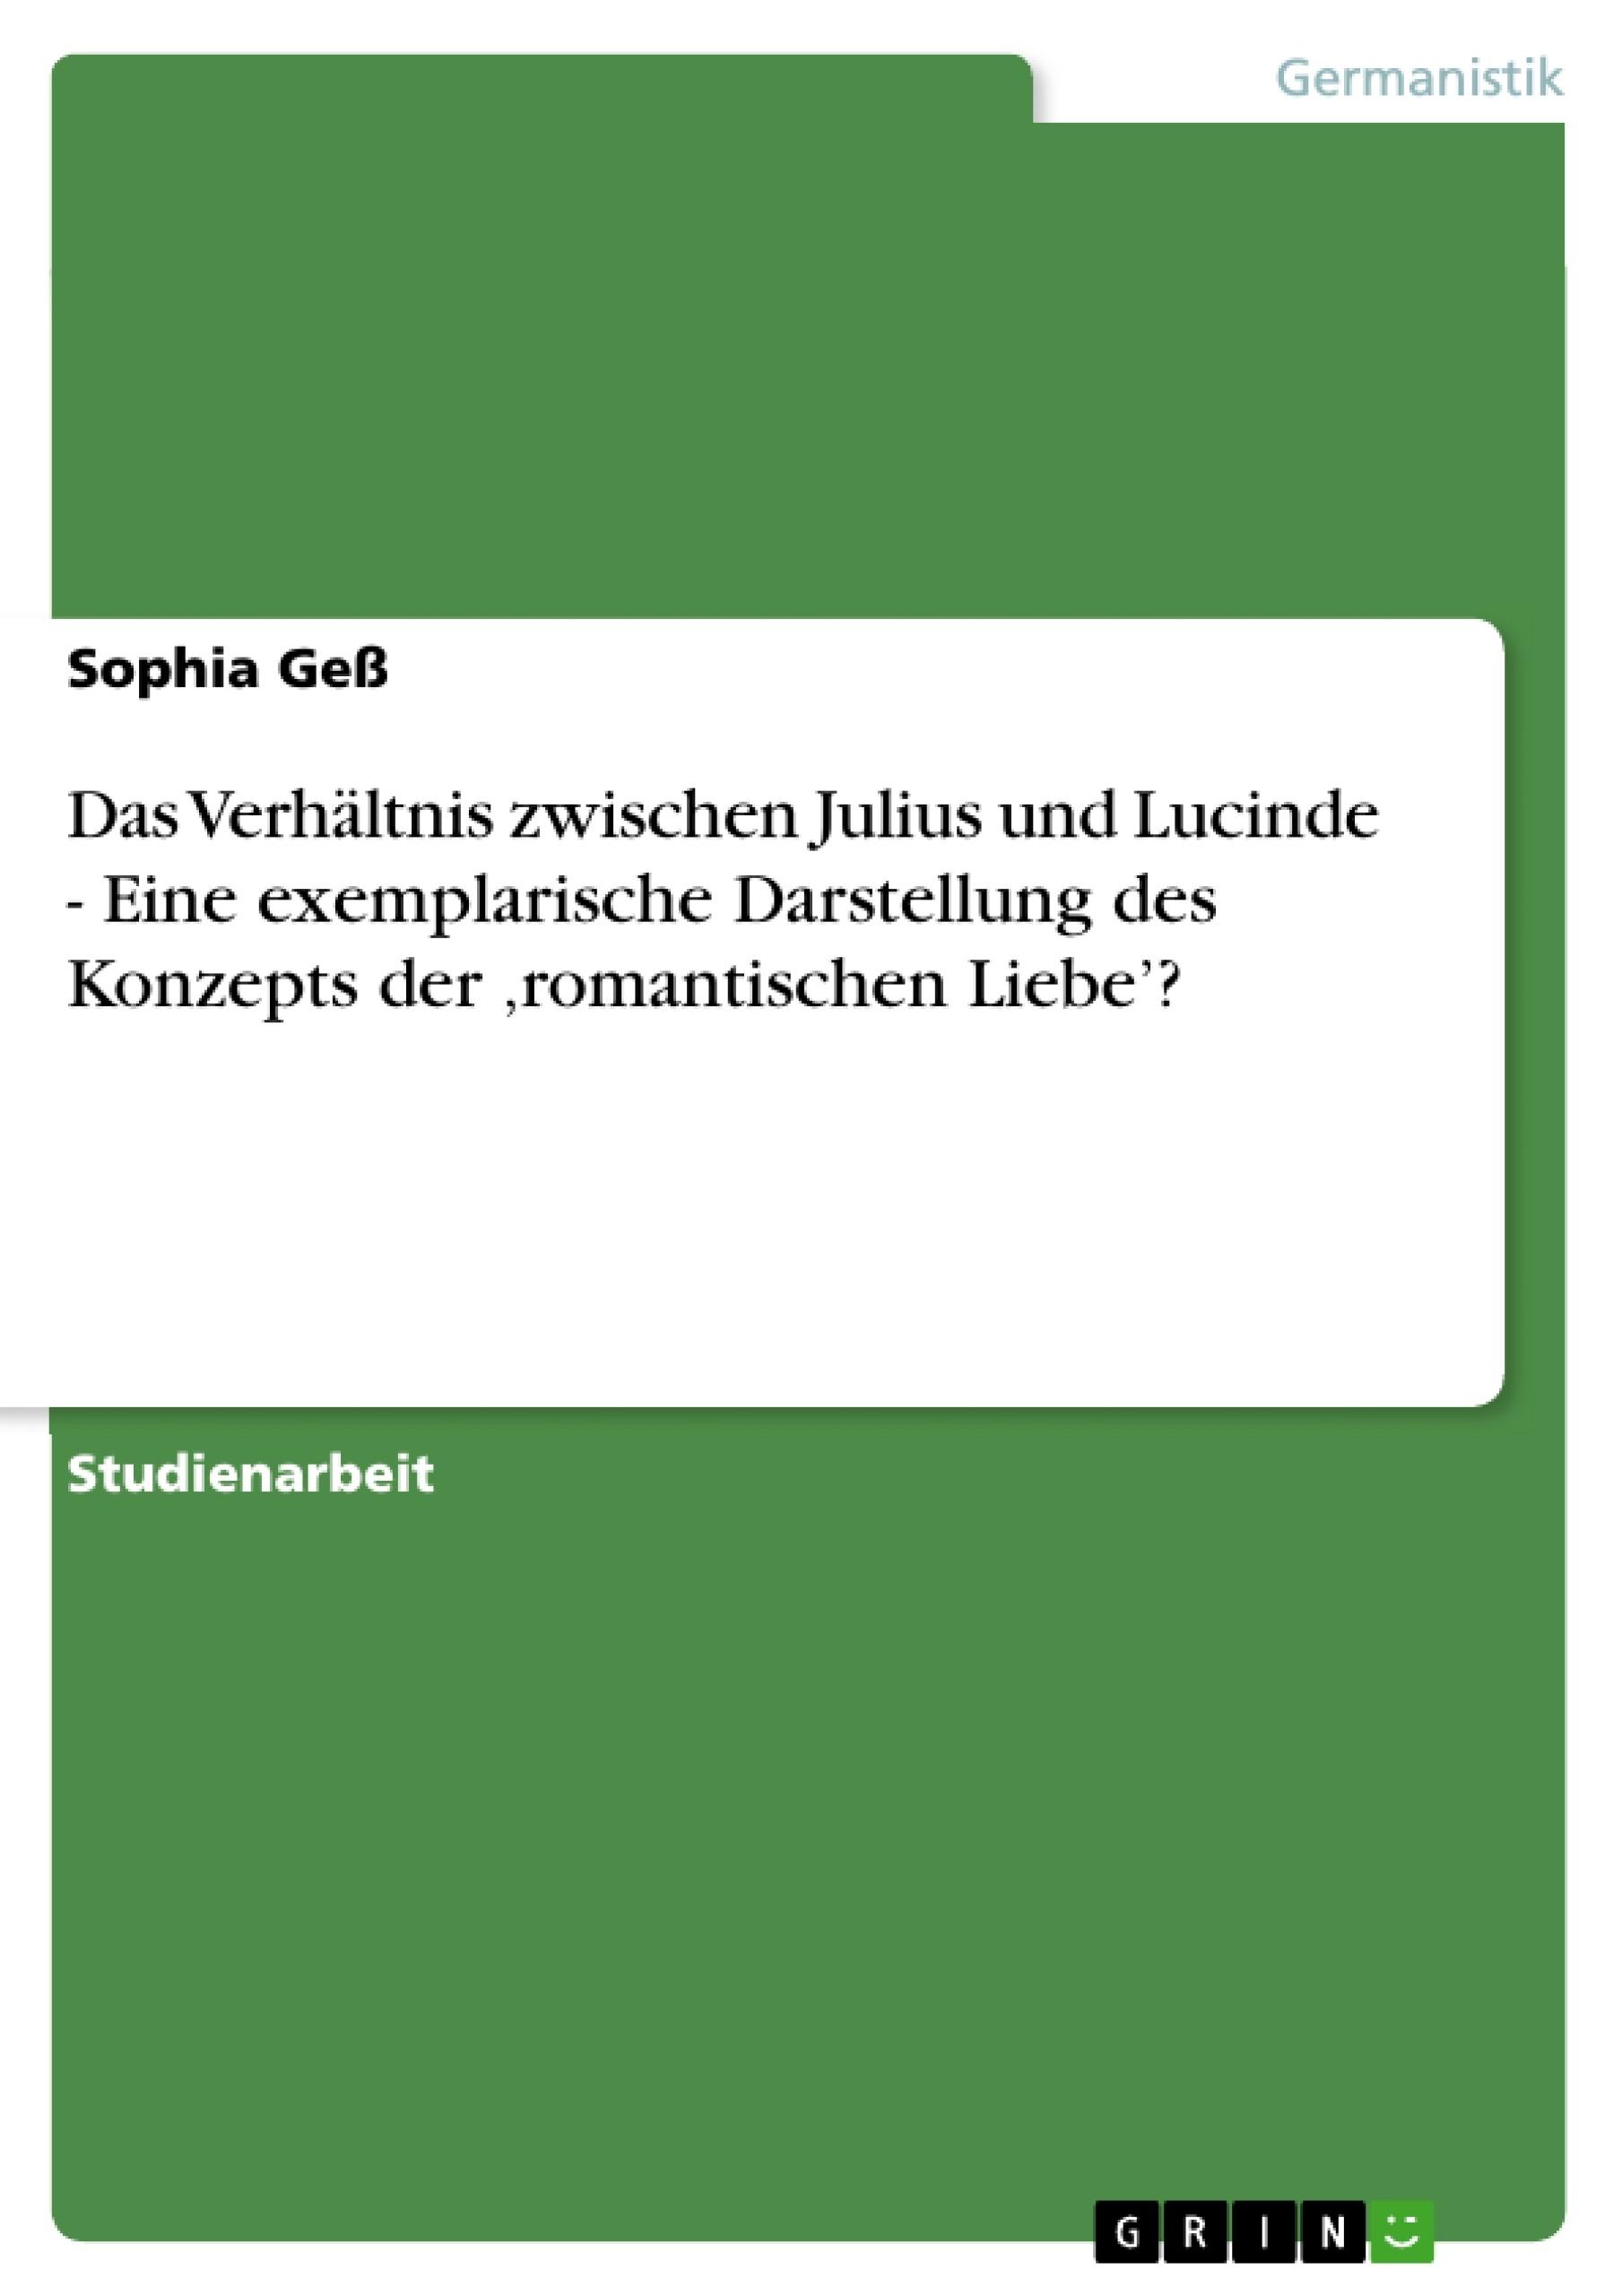 Titel: Das Verhältnis zwischen Julius und Lucinde - Eine exemplarische Darstellung des Konzepts der 'romantischen Liebe'?